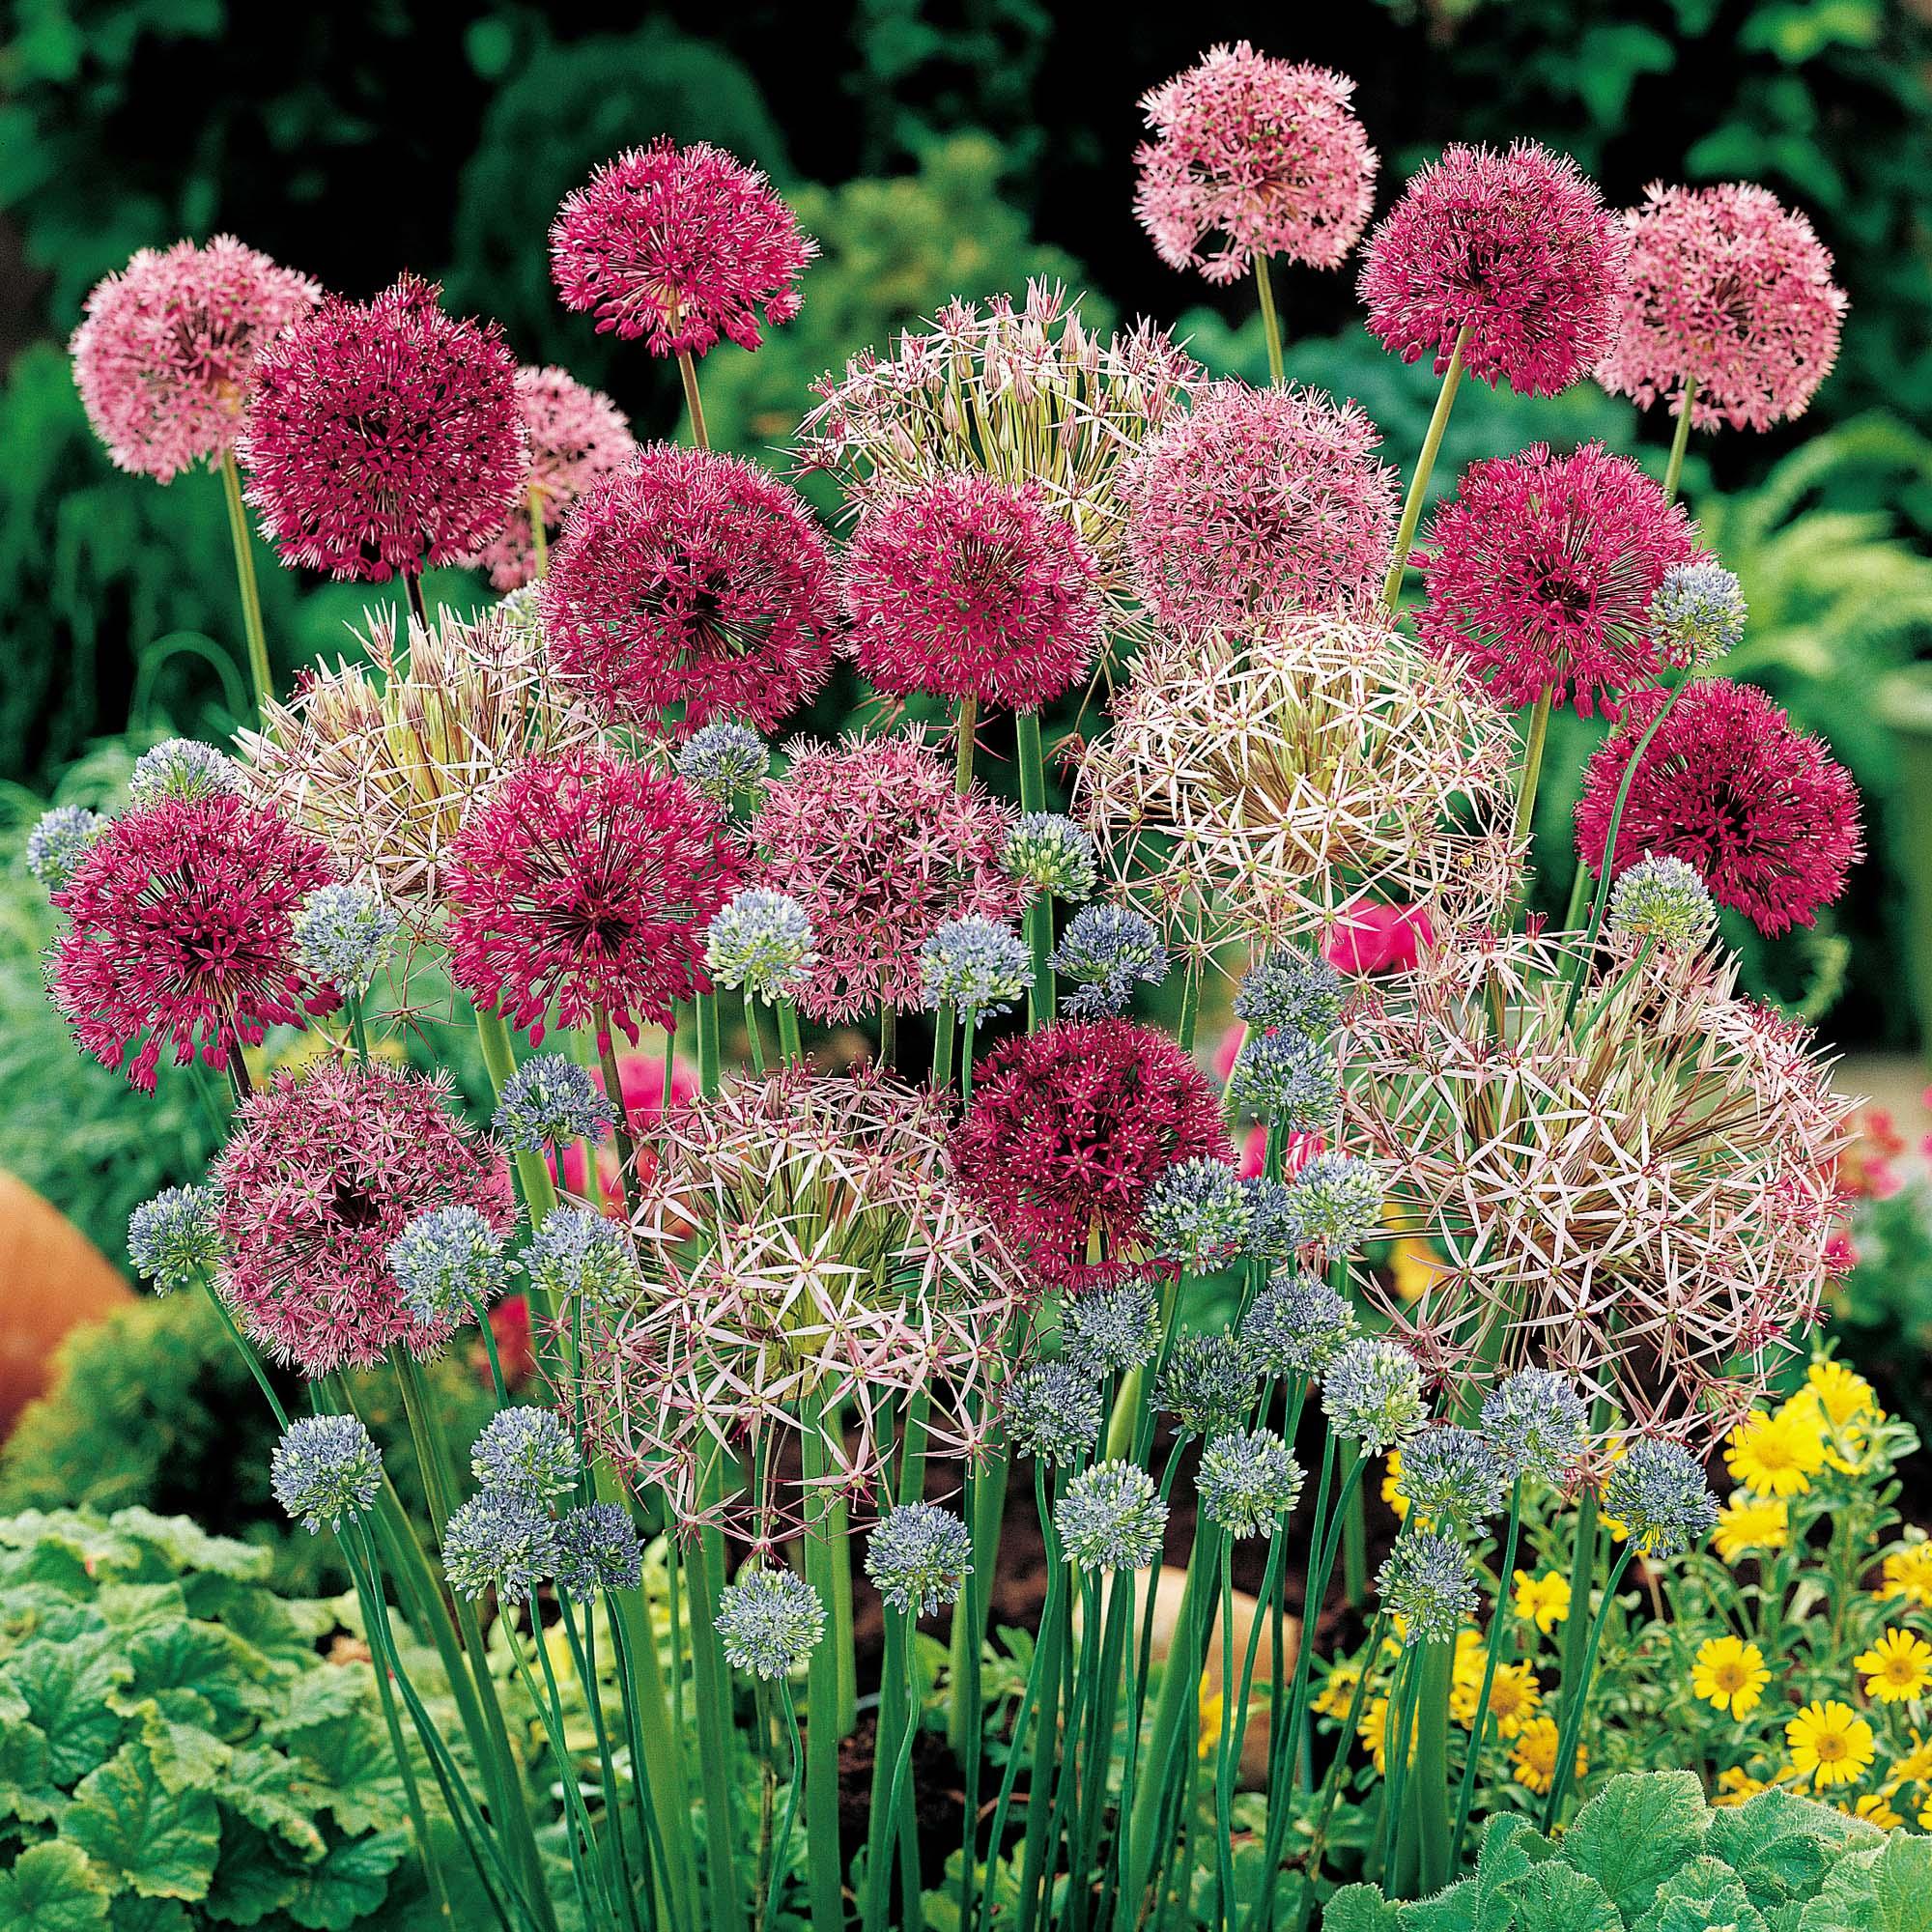 Allium #1